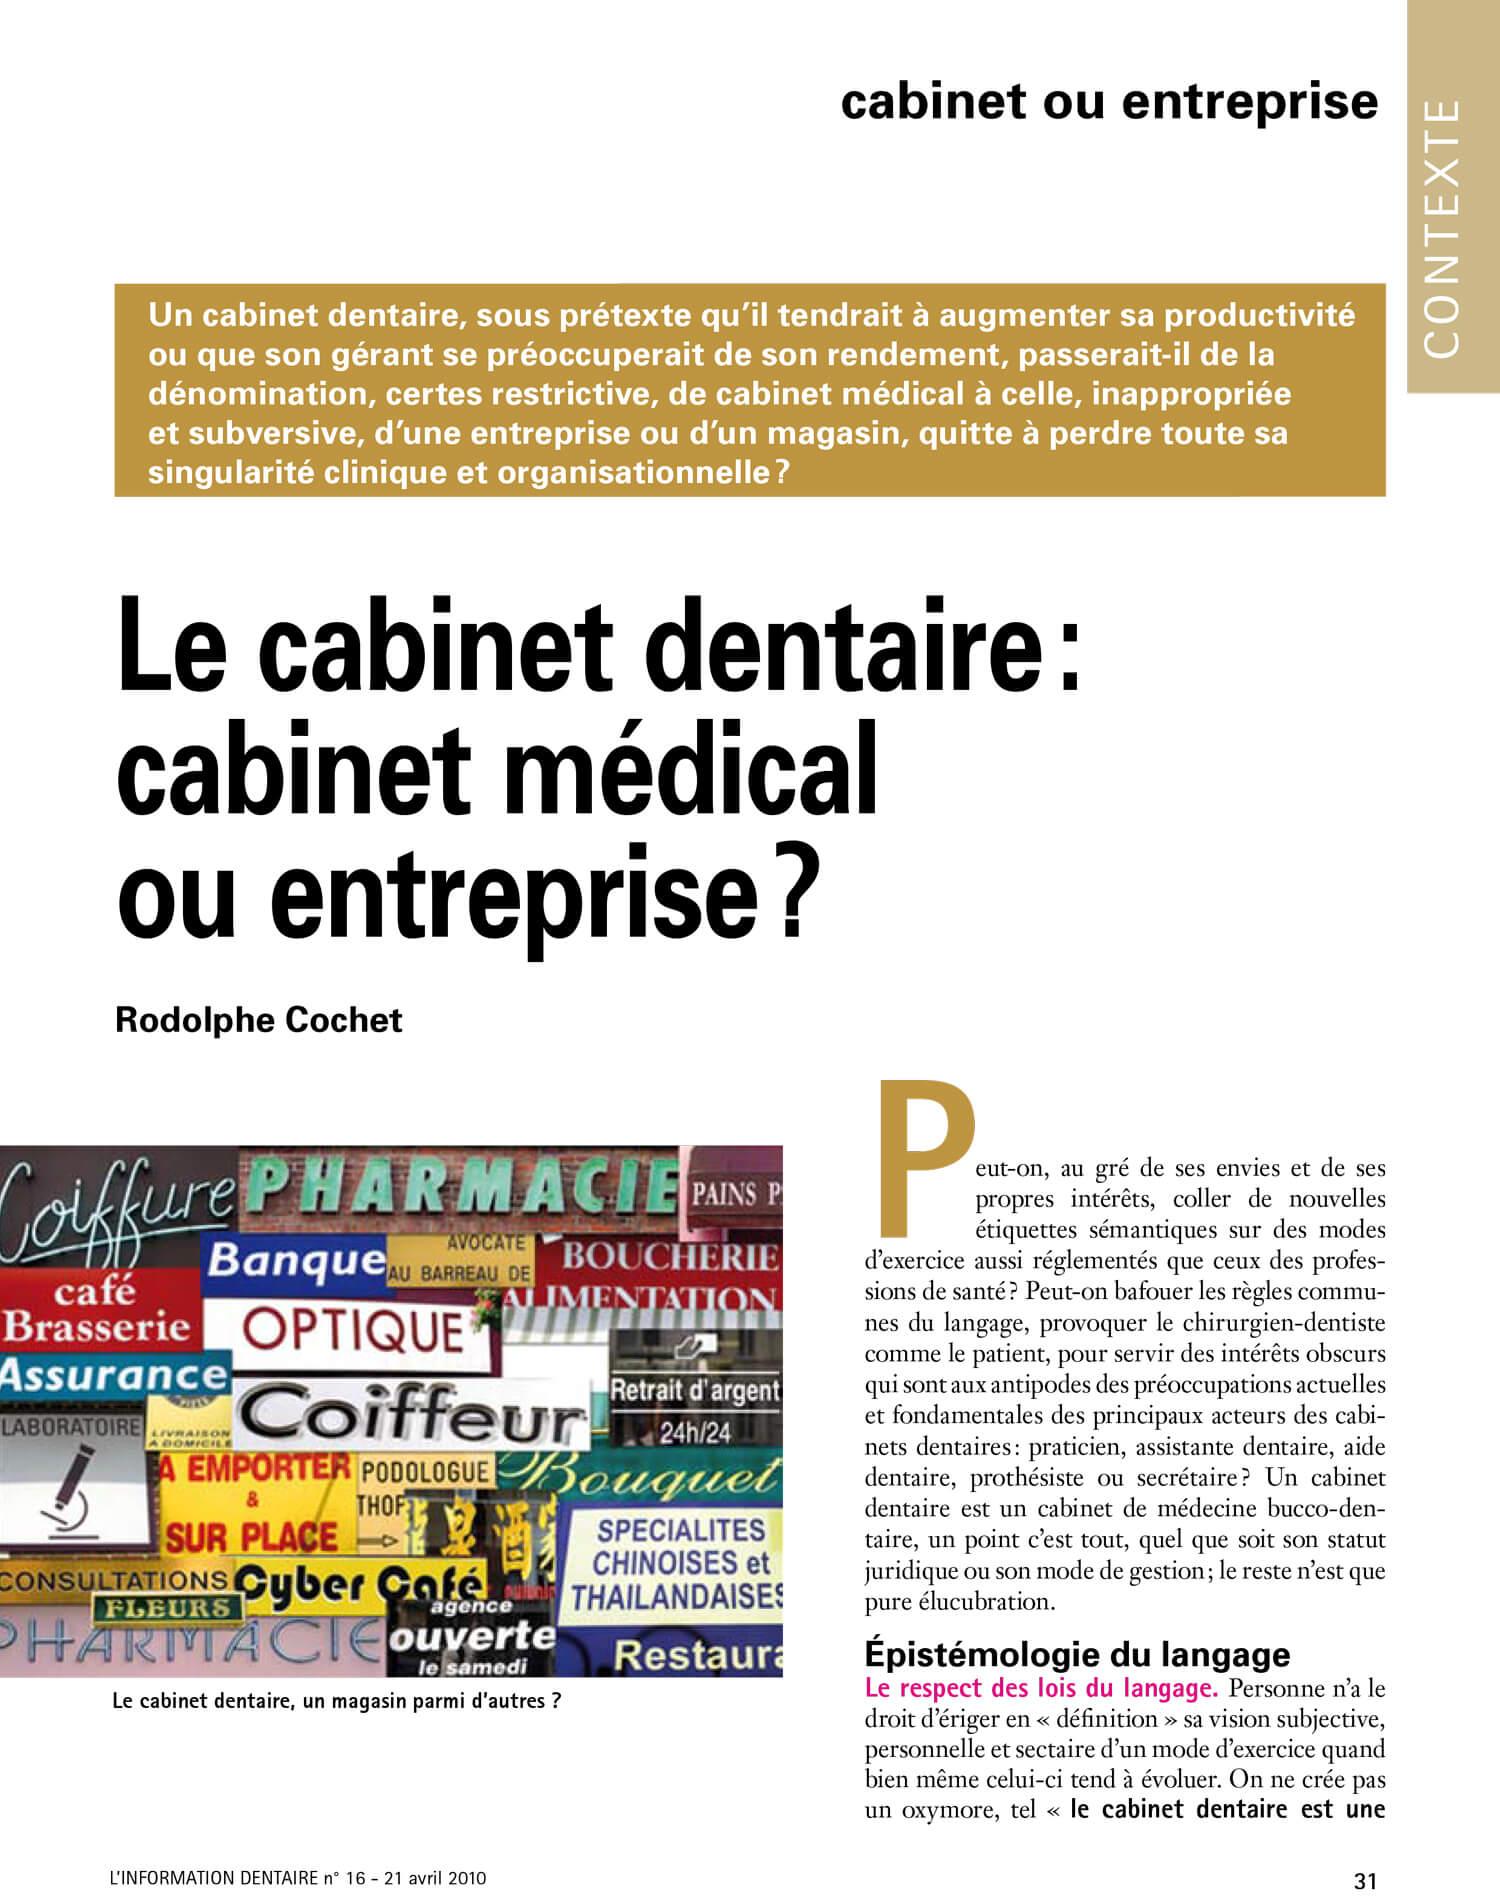 cabinet-dentaire-entreprise-rodolphe-cochet.jpg